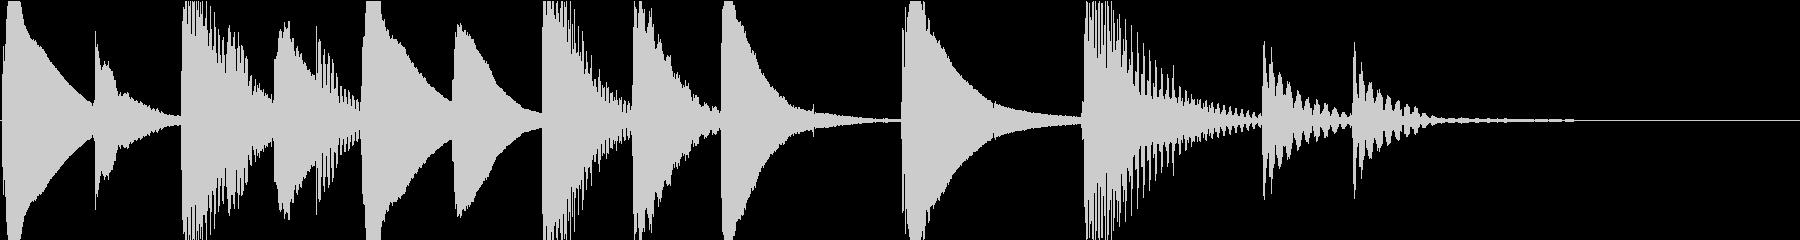 マリンバのほのぼのとしたジングル4の未再生の波形